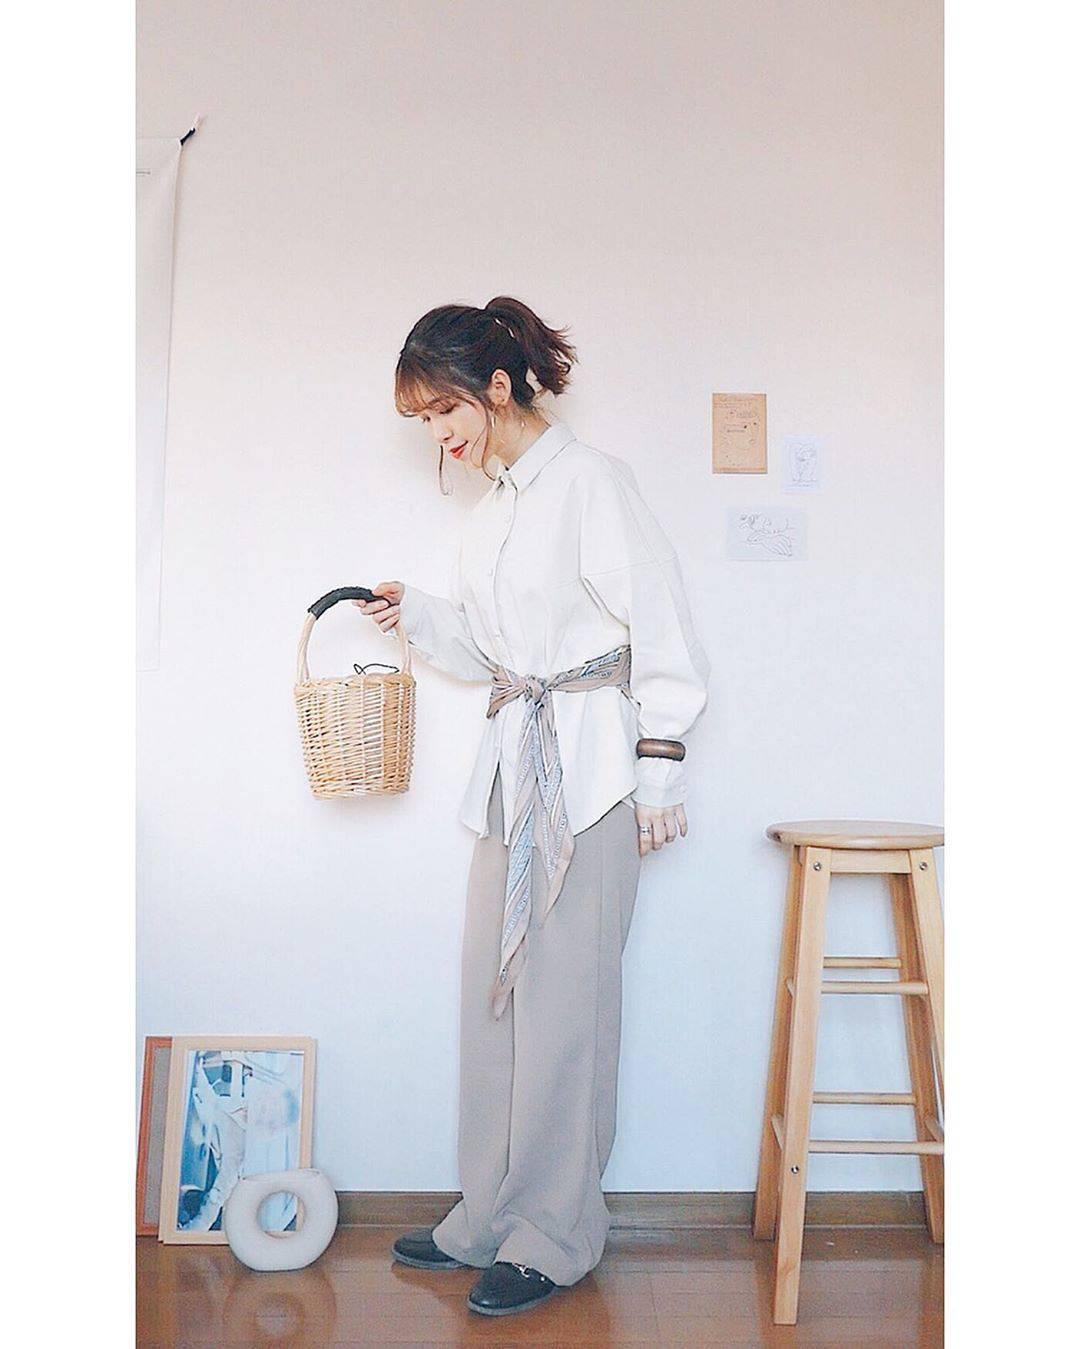 最高気温9度・最低気温7度 natsu_outfitsの服装